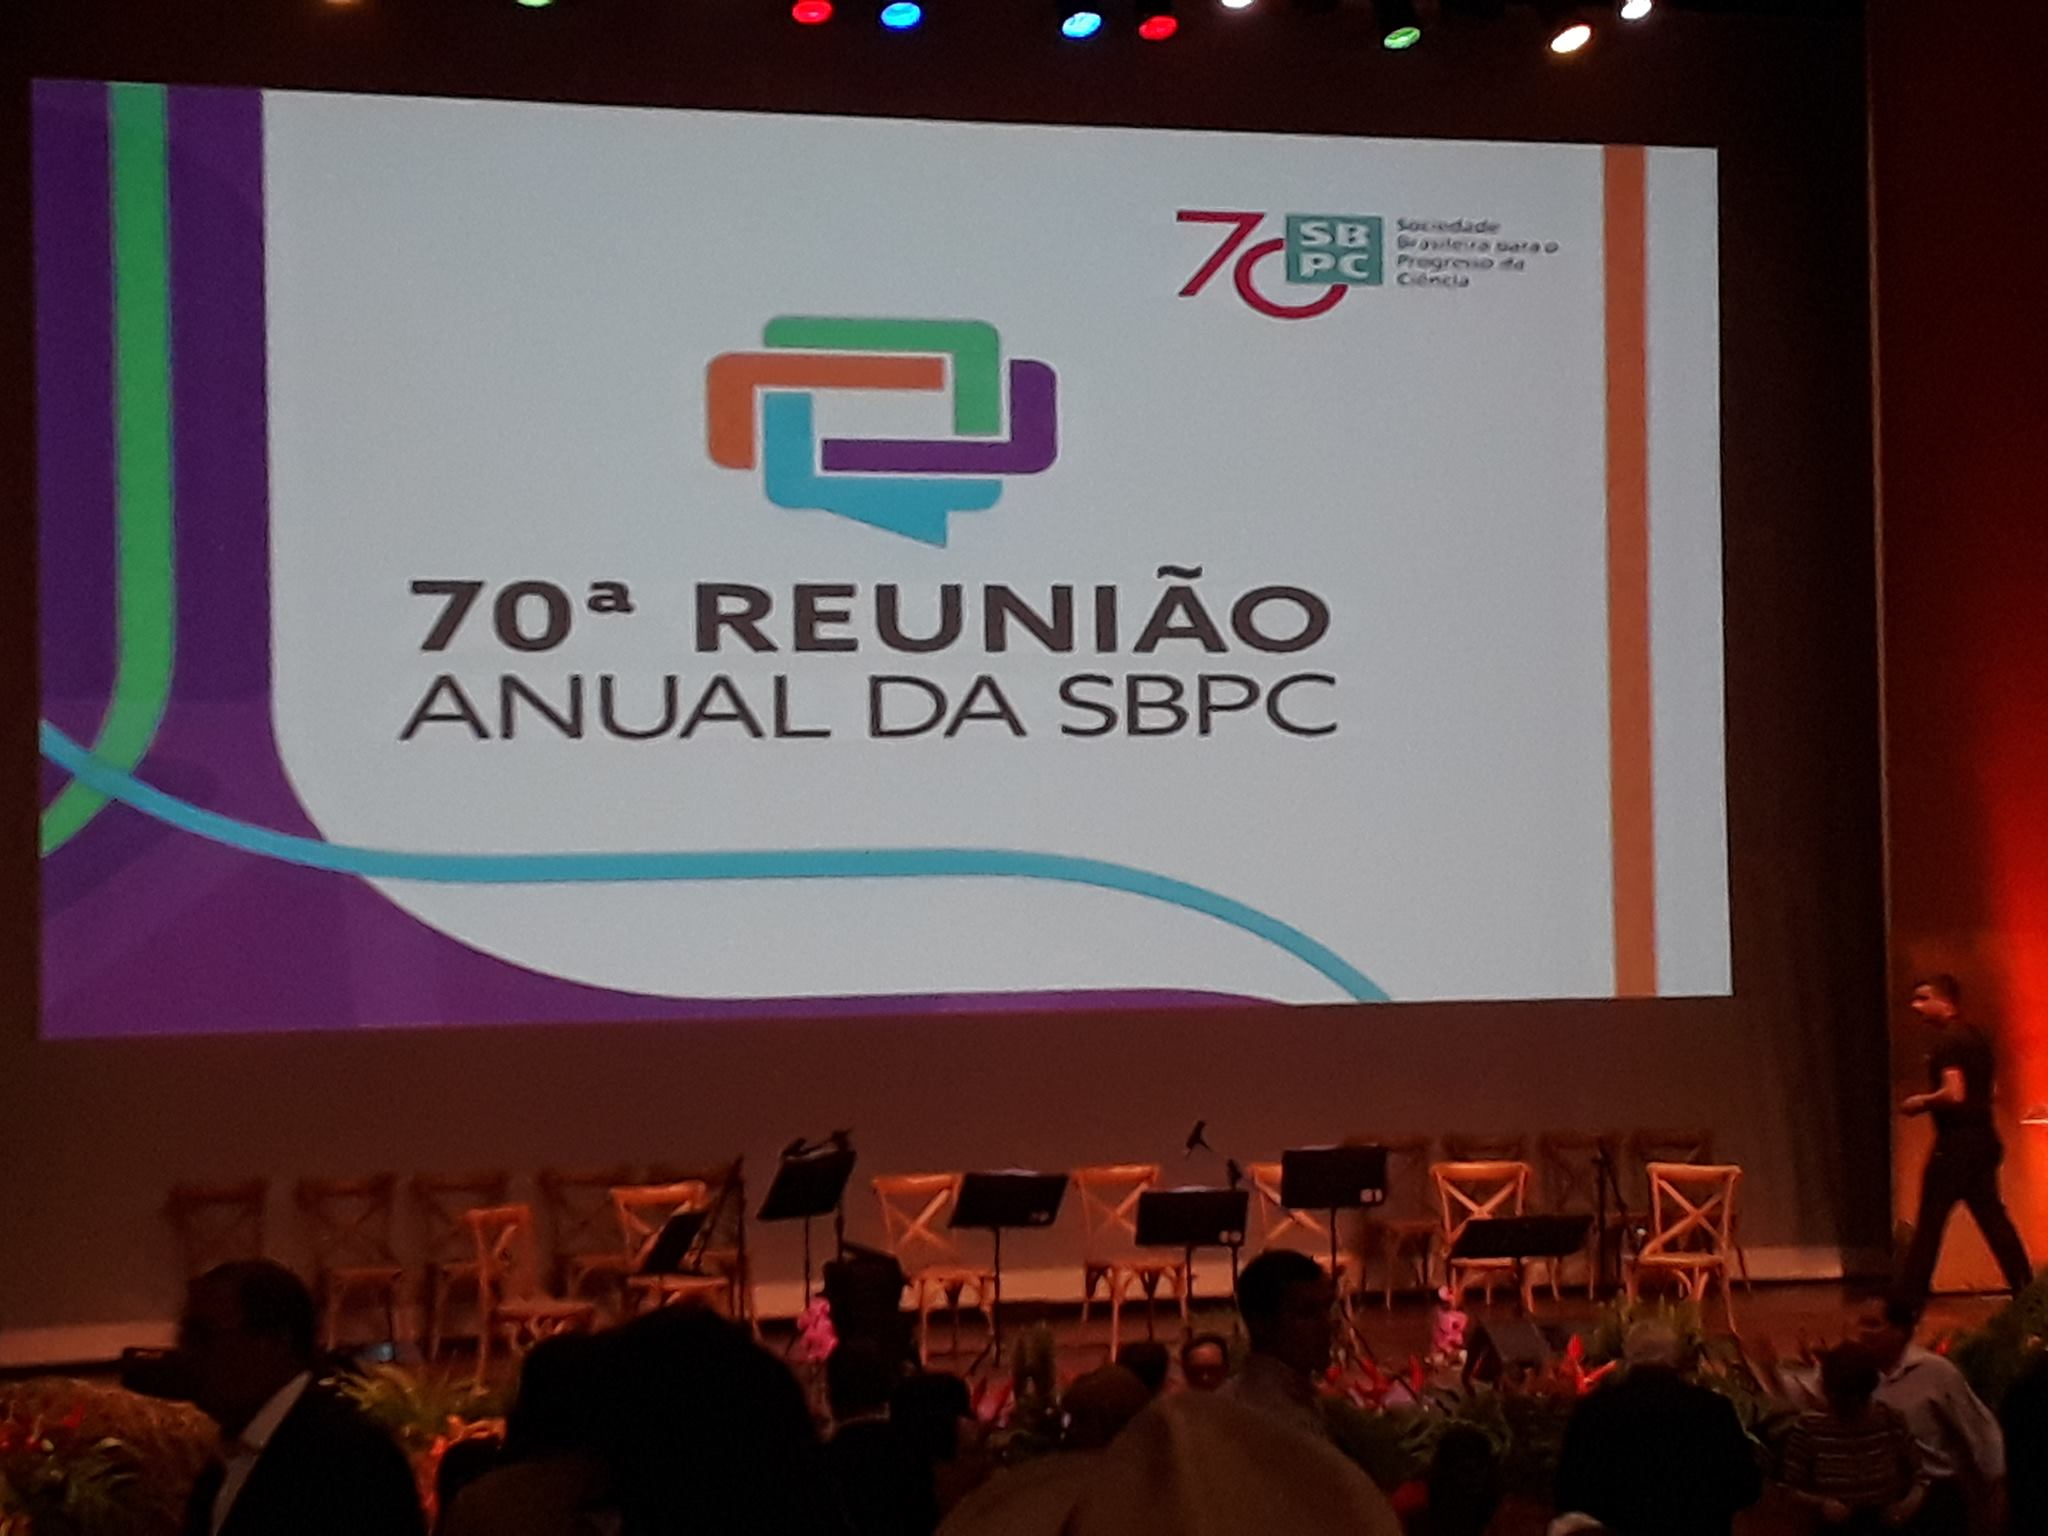 70ª Reunião Anual Da SBPC